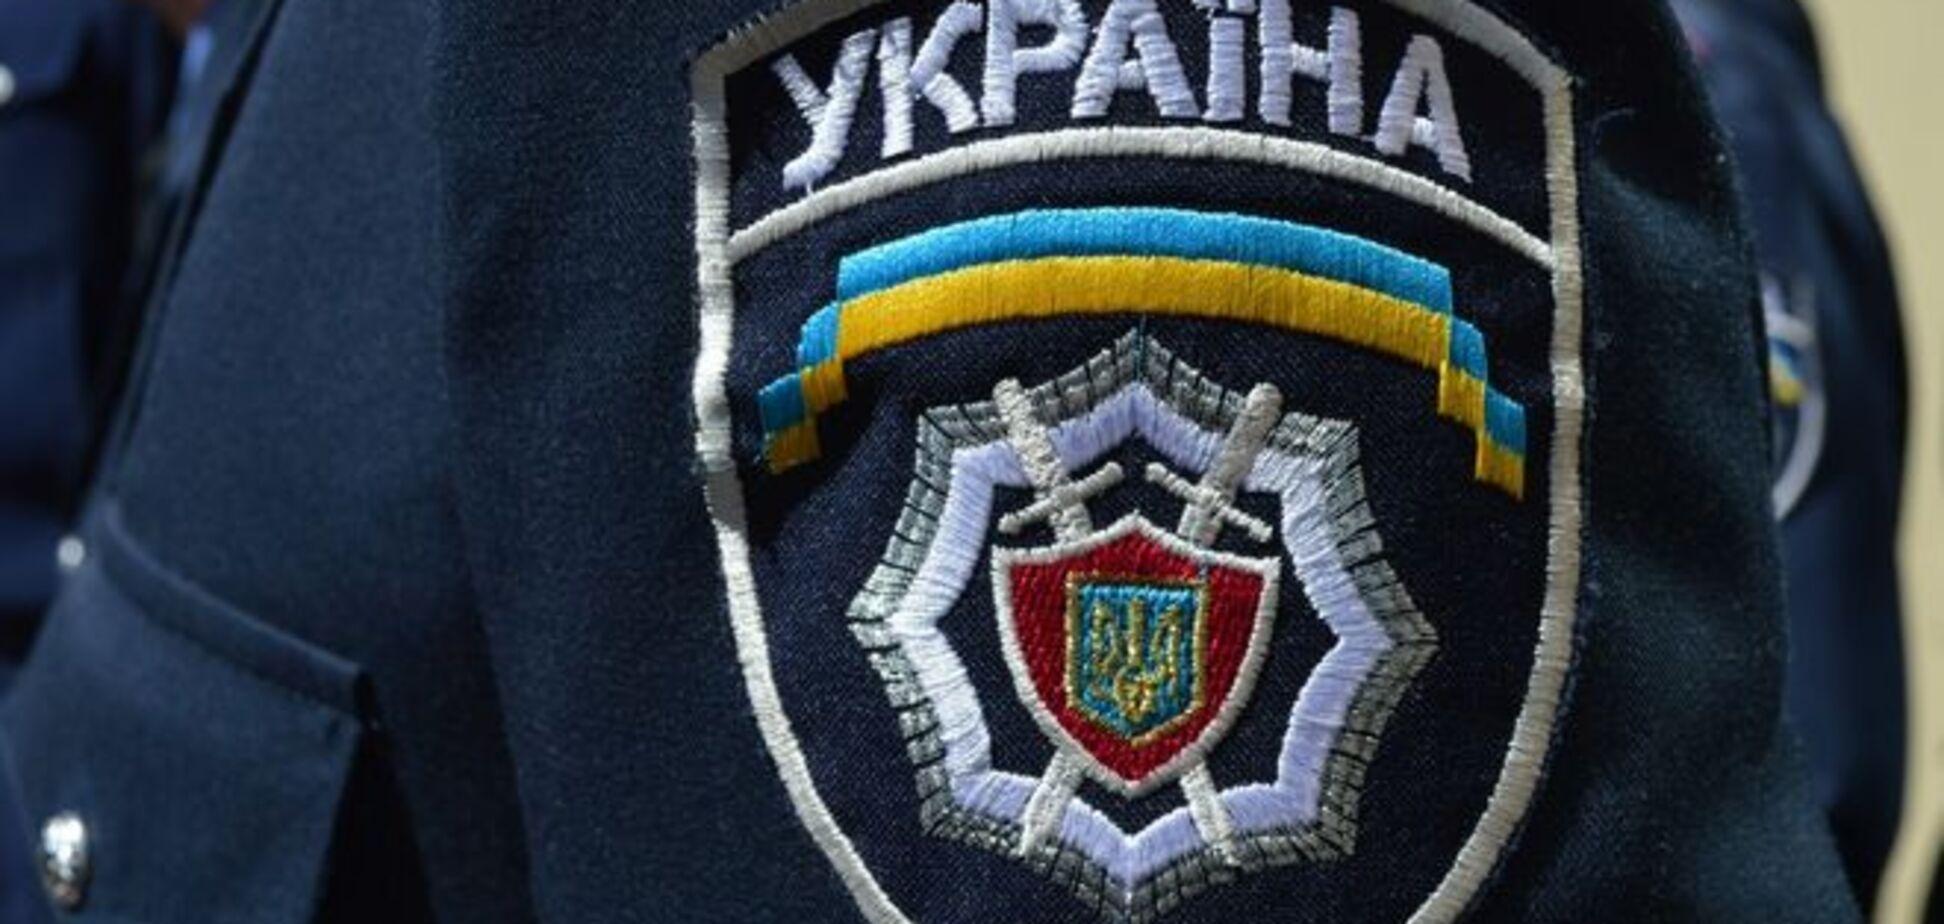 Міліція затримала волонтера, який привласнив 100 тис. грн.